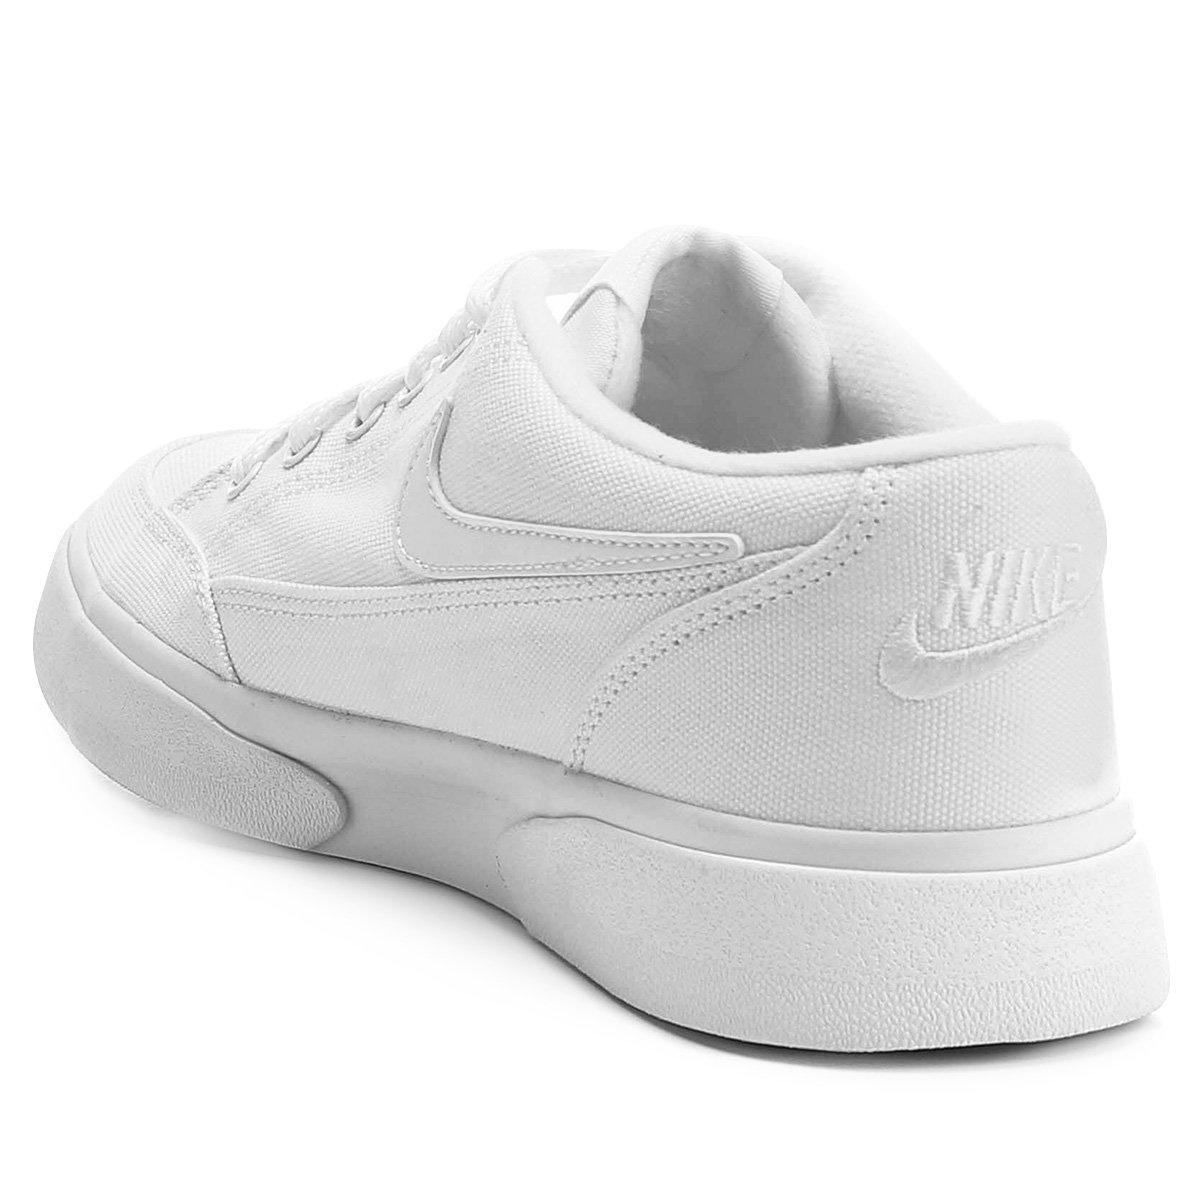 Tênis Nike Wmns Gts  16 Txt Feminino - Branco - Compre Agora  39f5f1e40ec97